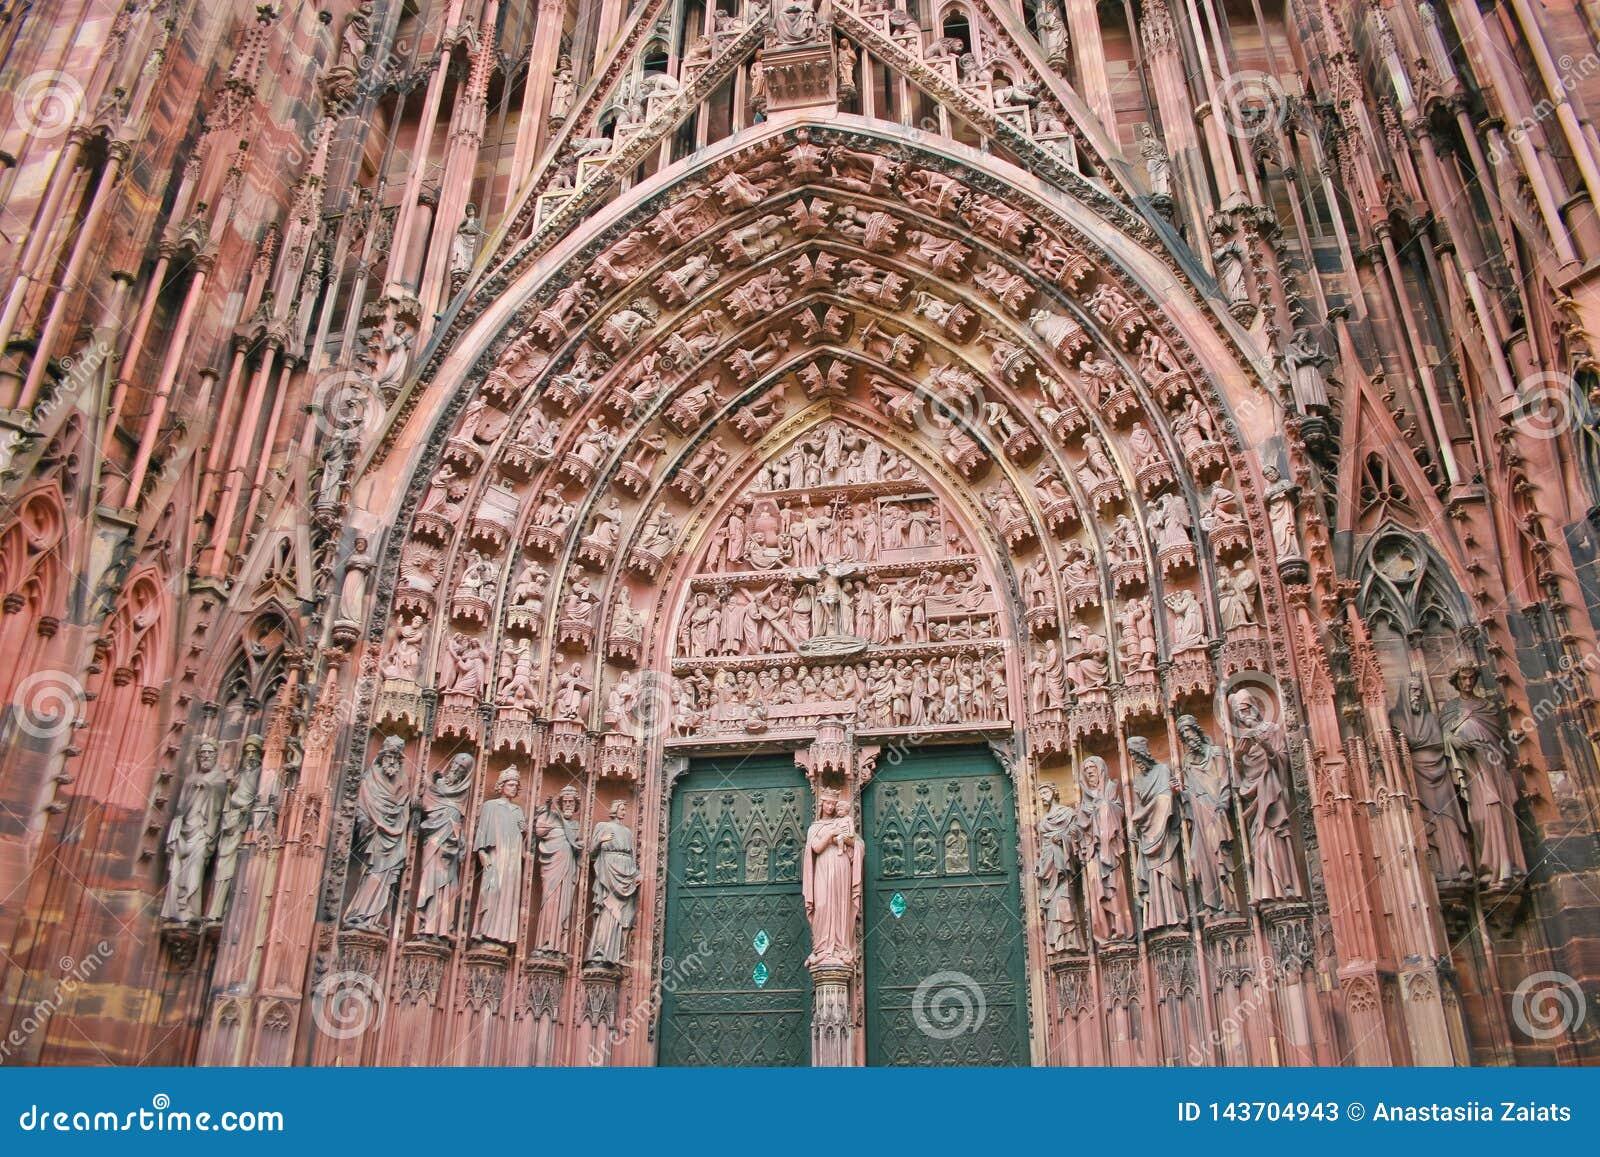 Architekturdetail von Statuen auf S?ulenhalle der Notre-Verdammungs-Kathedrale in Stra?burg